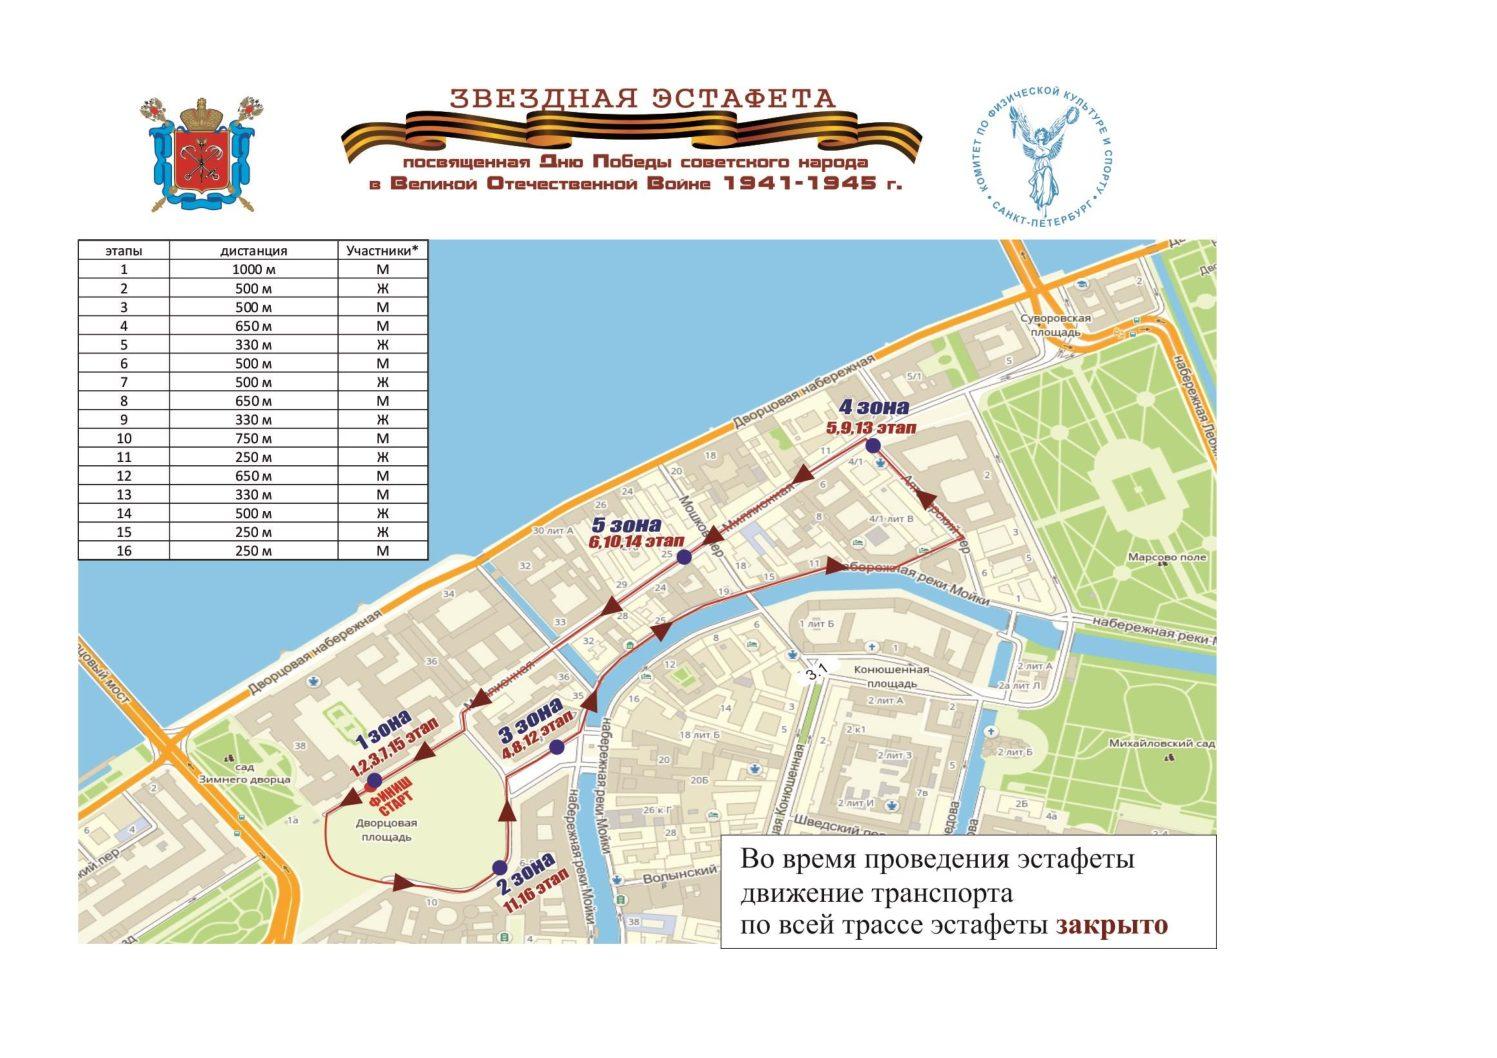 Традиционные легкоатлетические эстафеты стартуют 2 мая на Дворцовой